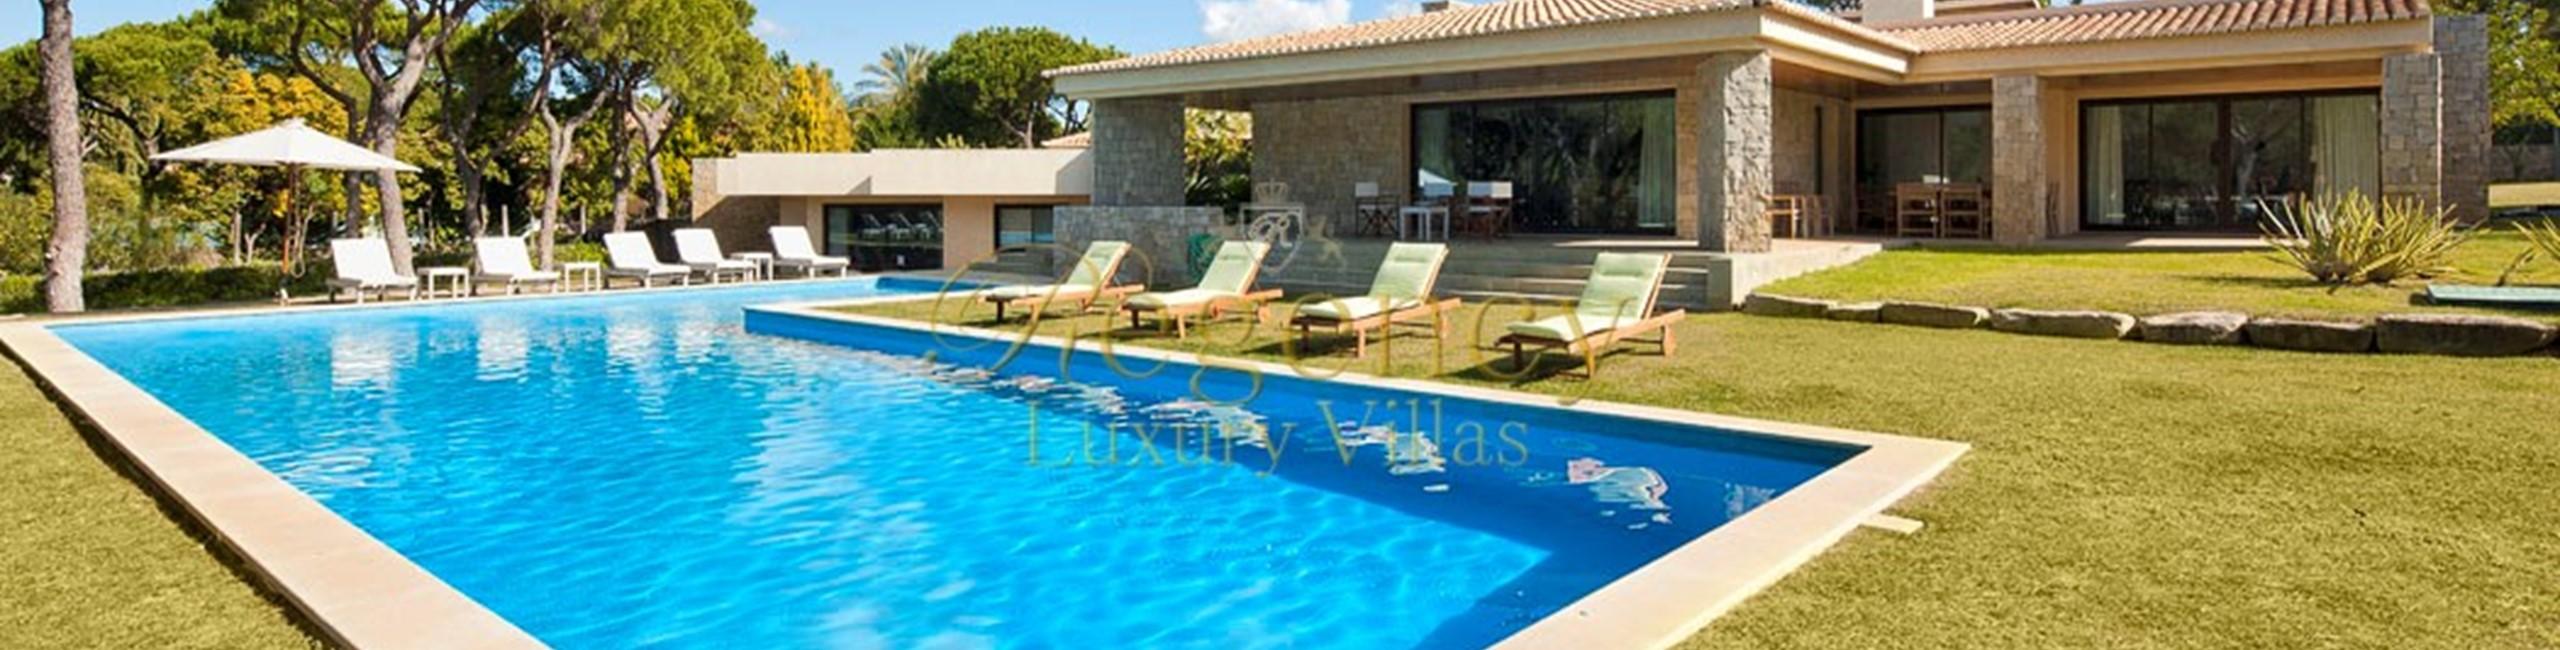 5 Bedroom Villa To Rent In Vilamoura Villa Vermarine Regency Luxury Villas 2